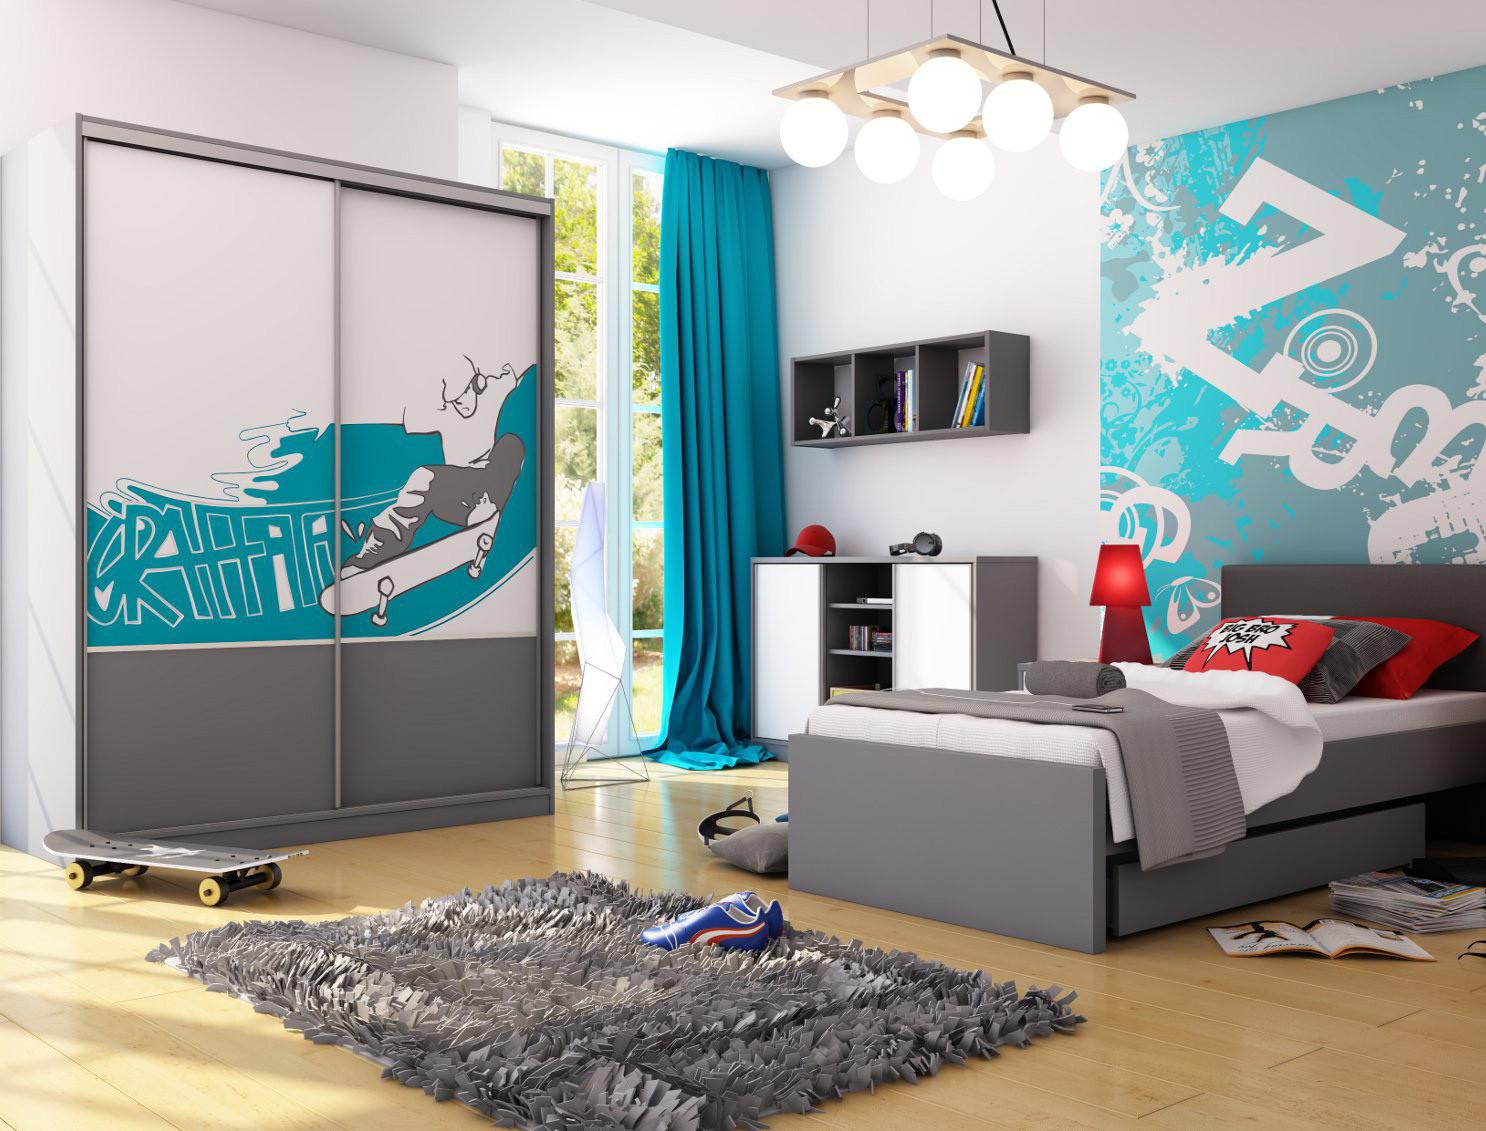 способность дизайн молодежной комнаты с фотообоями сколько